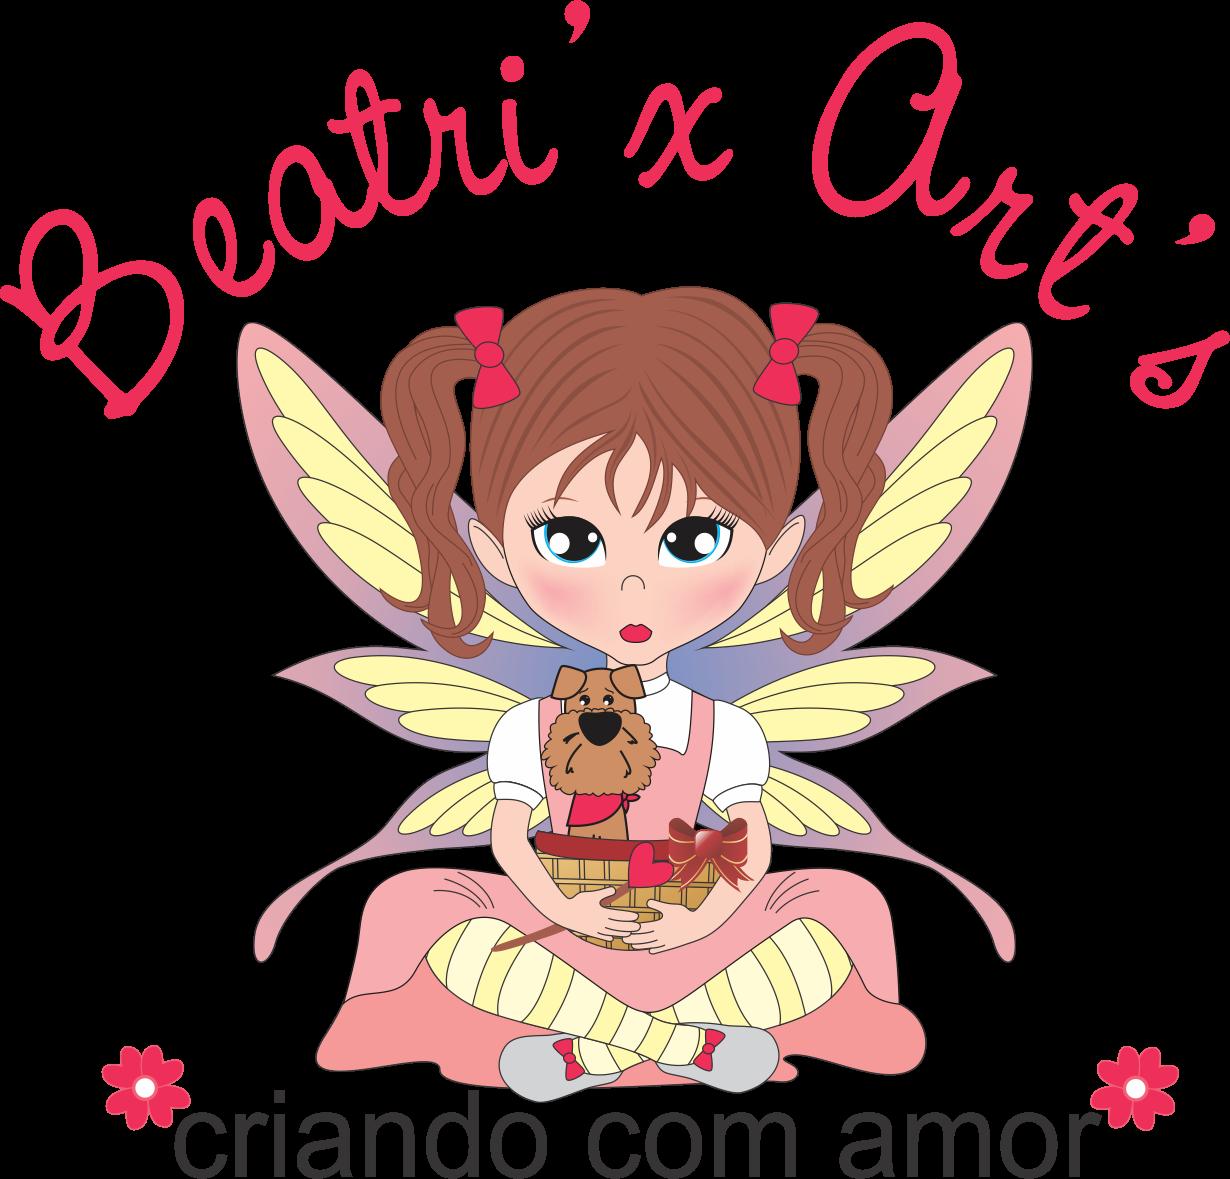 Criando com Amor Beatri'x Art's